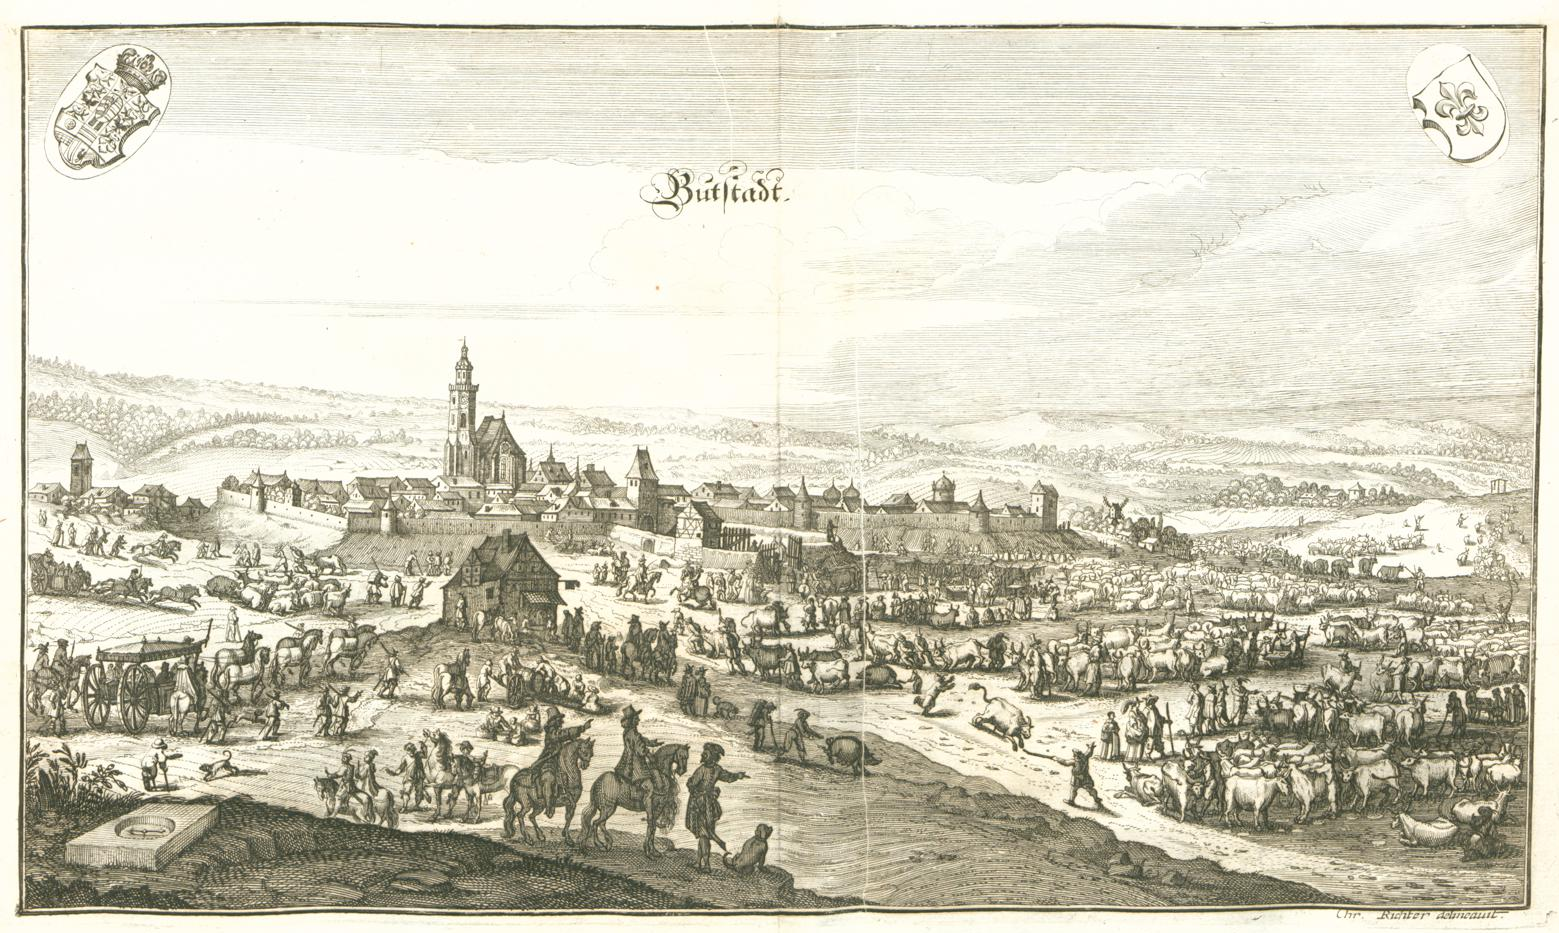 File:Butstadt - Merian 1650.jpg